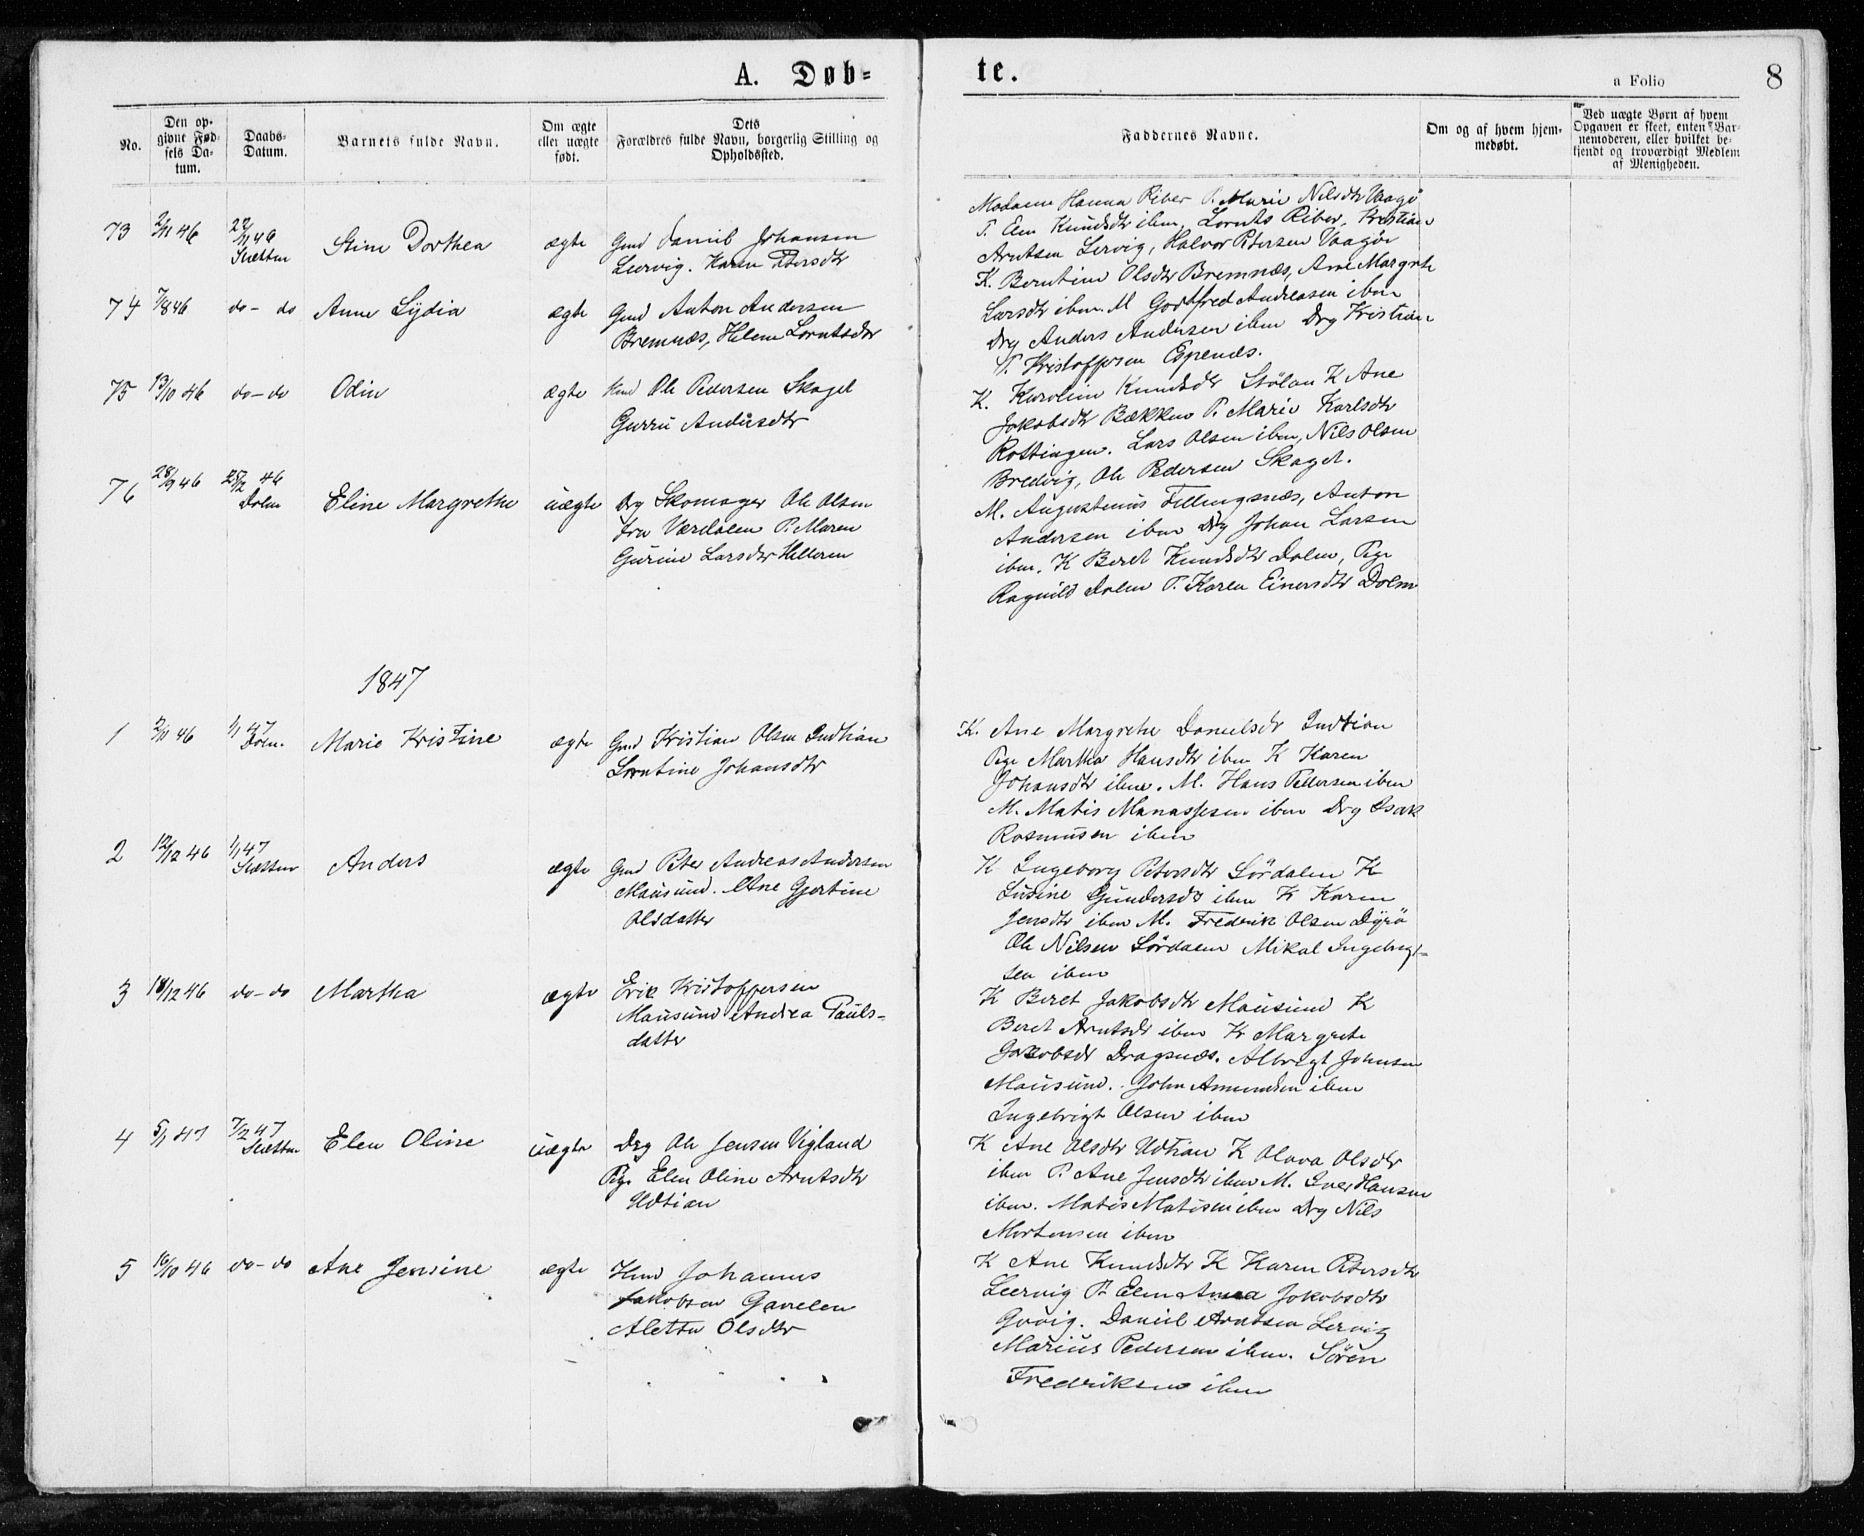 SAT, Ministerialprotokoller, klokkerbøker og fødselsregistre - Sør-Trøndelag, 640/L0576: Ministerialbok nr. 640A01, 1846-1876, s. 8